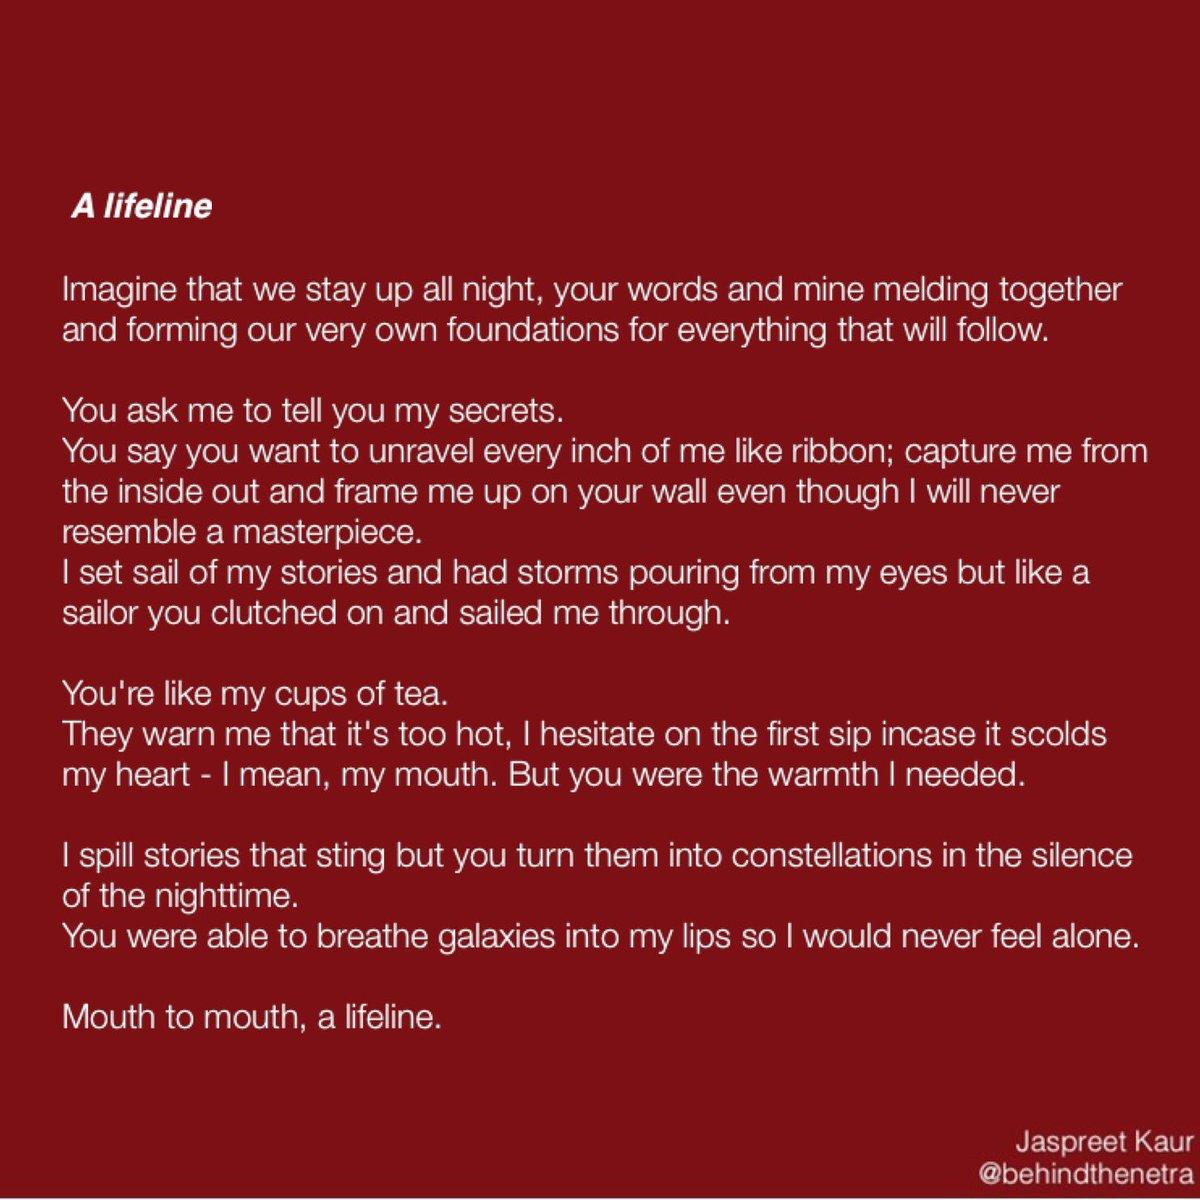 Jaspreet Kaur On Twitter A Lifeline Poetry Lovequotes Love